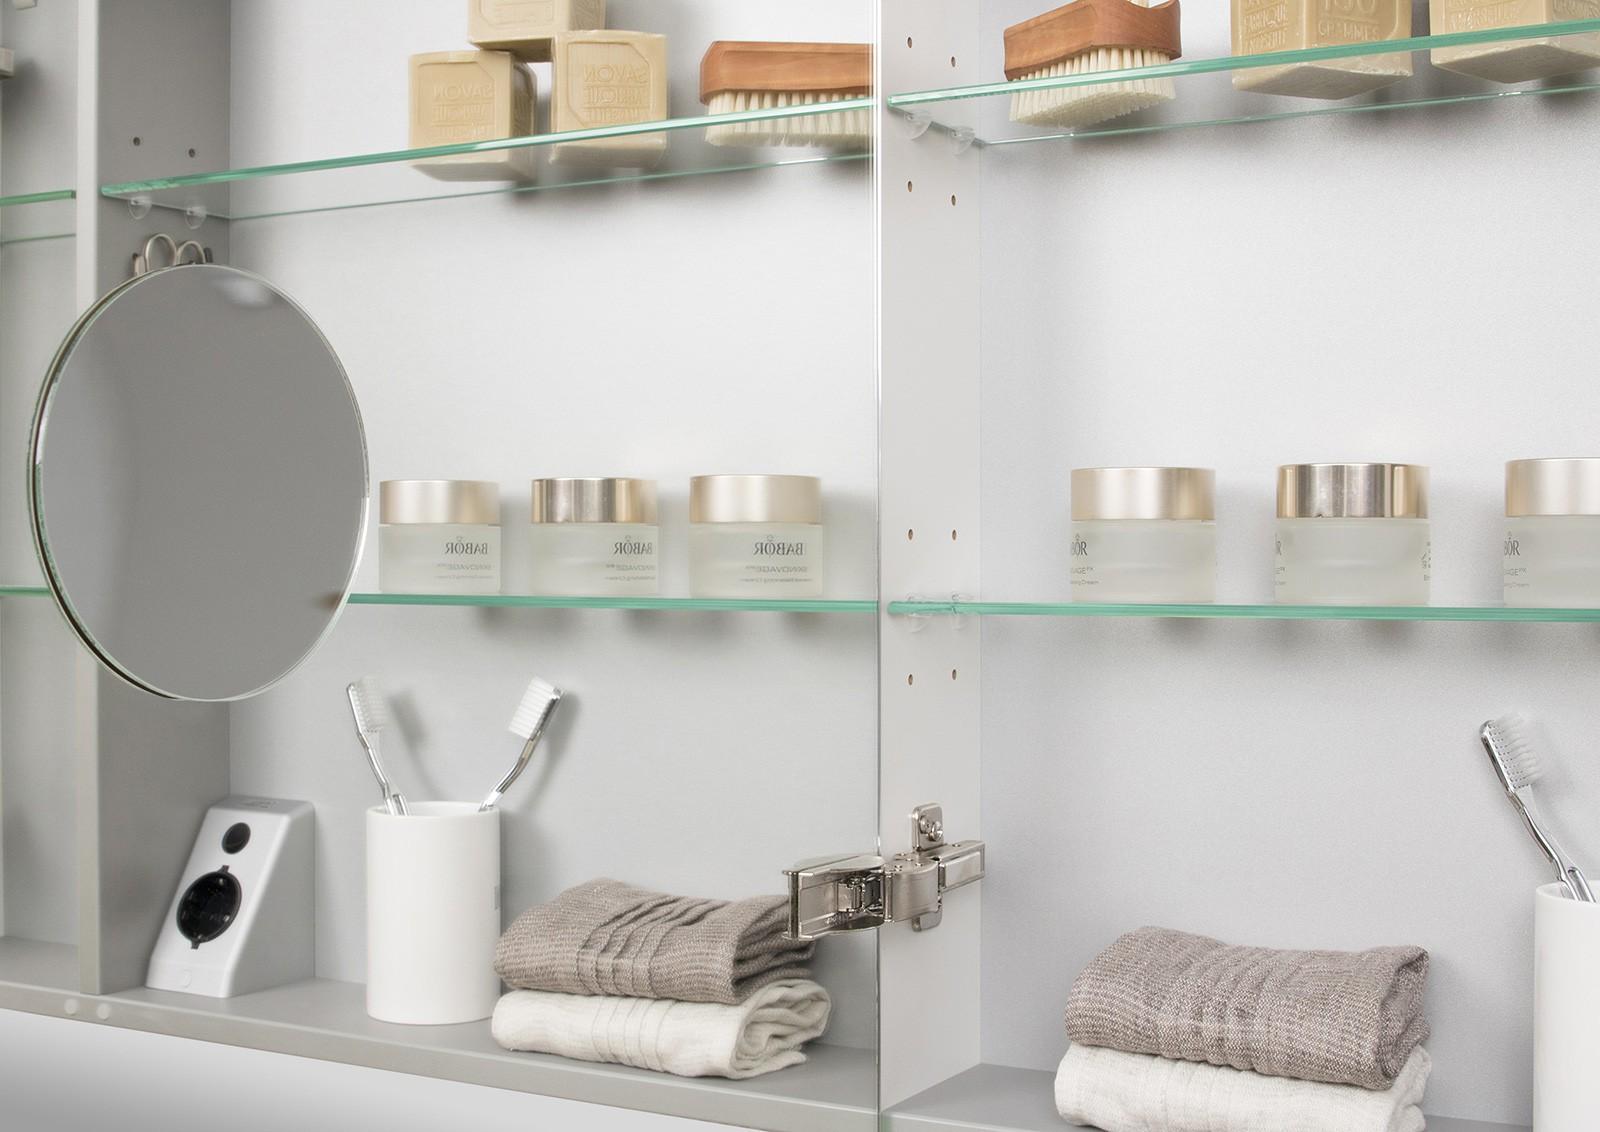 spiegelschrank 130 cm led beleuchtung mit farbwechsel doppelseitig verspiegelt. Black Bedroom Furniture Sets. Home Design Ideas